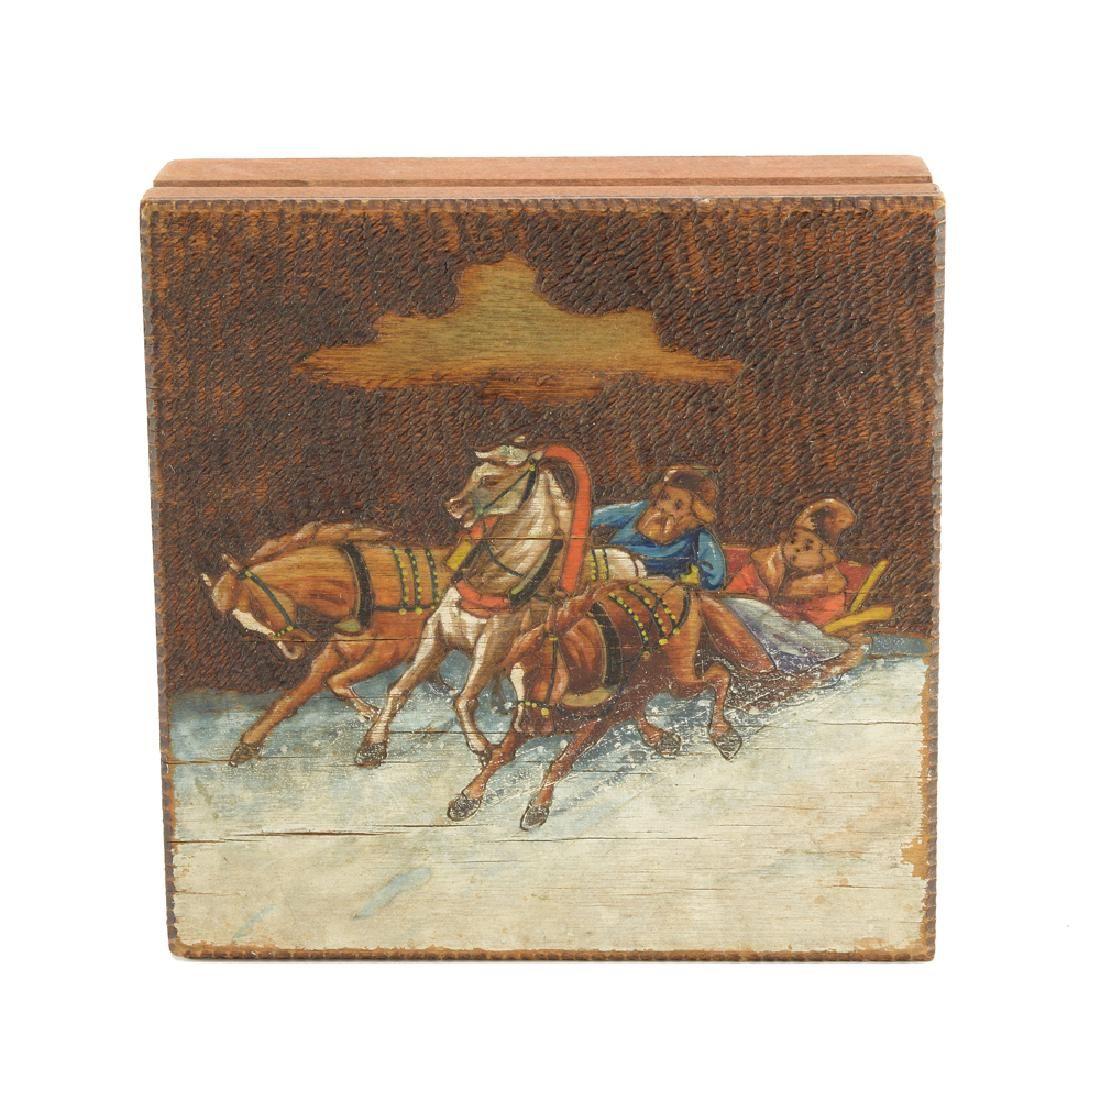 A Russian kustar or folk art box